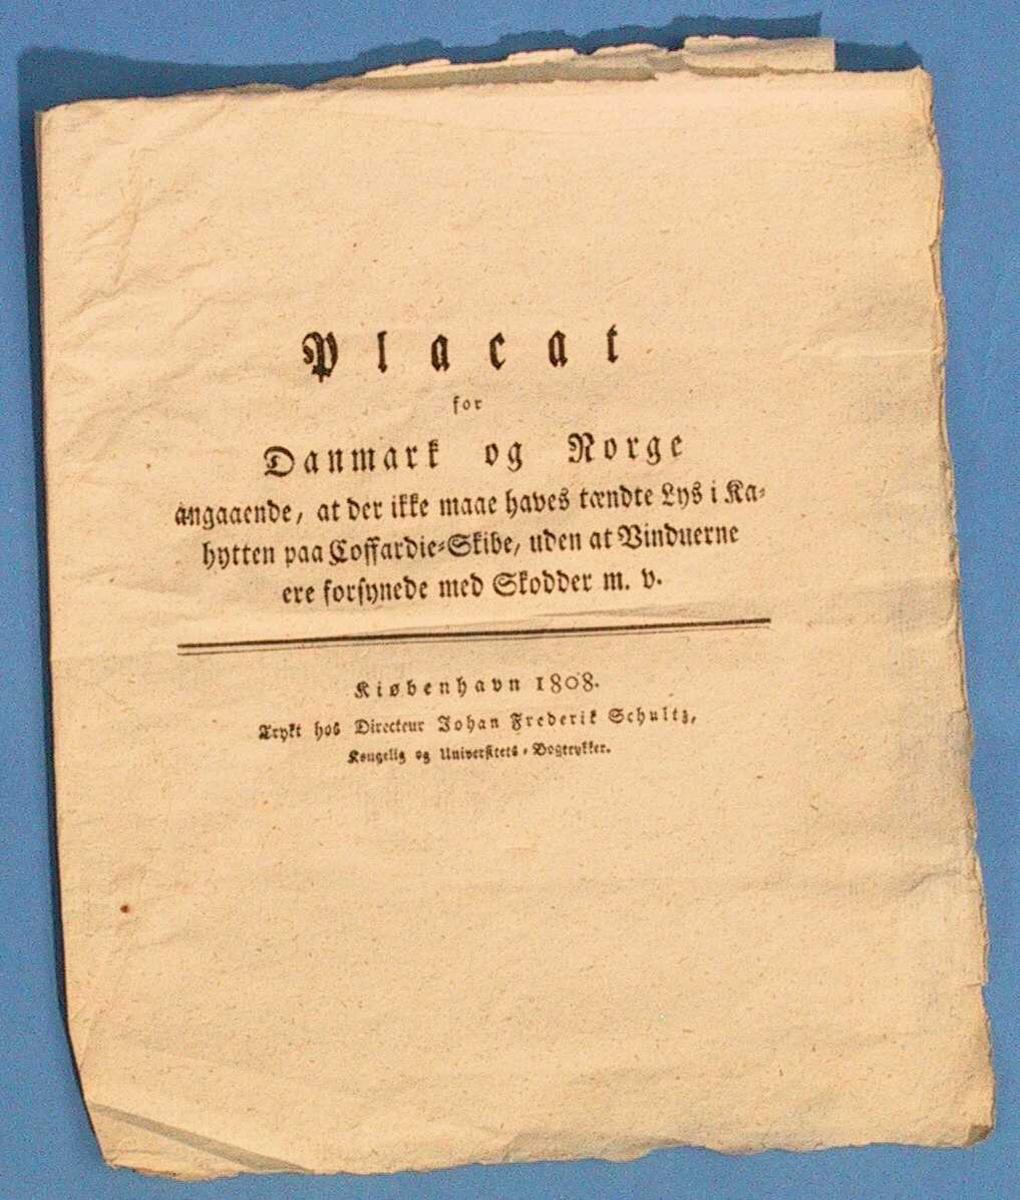 """Offentlig bestemmelse for skipsfarten, trykt på papir,  hos Directeur Johan Frederik Nehultz,   Kongelig og Universitets Bogtrykker.""""   Papir , et ark lagt dobbelt,"""